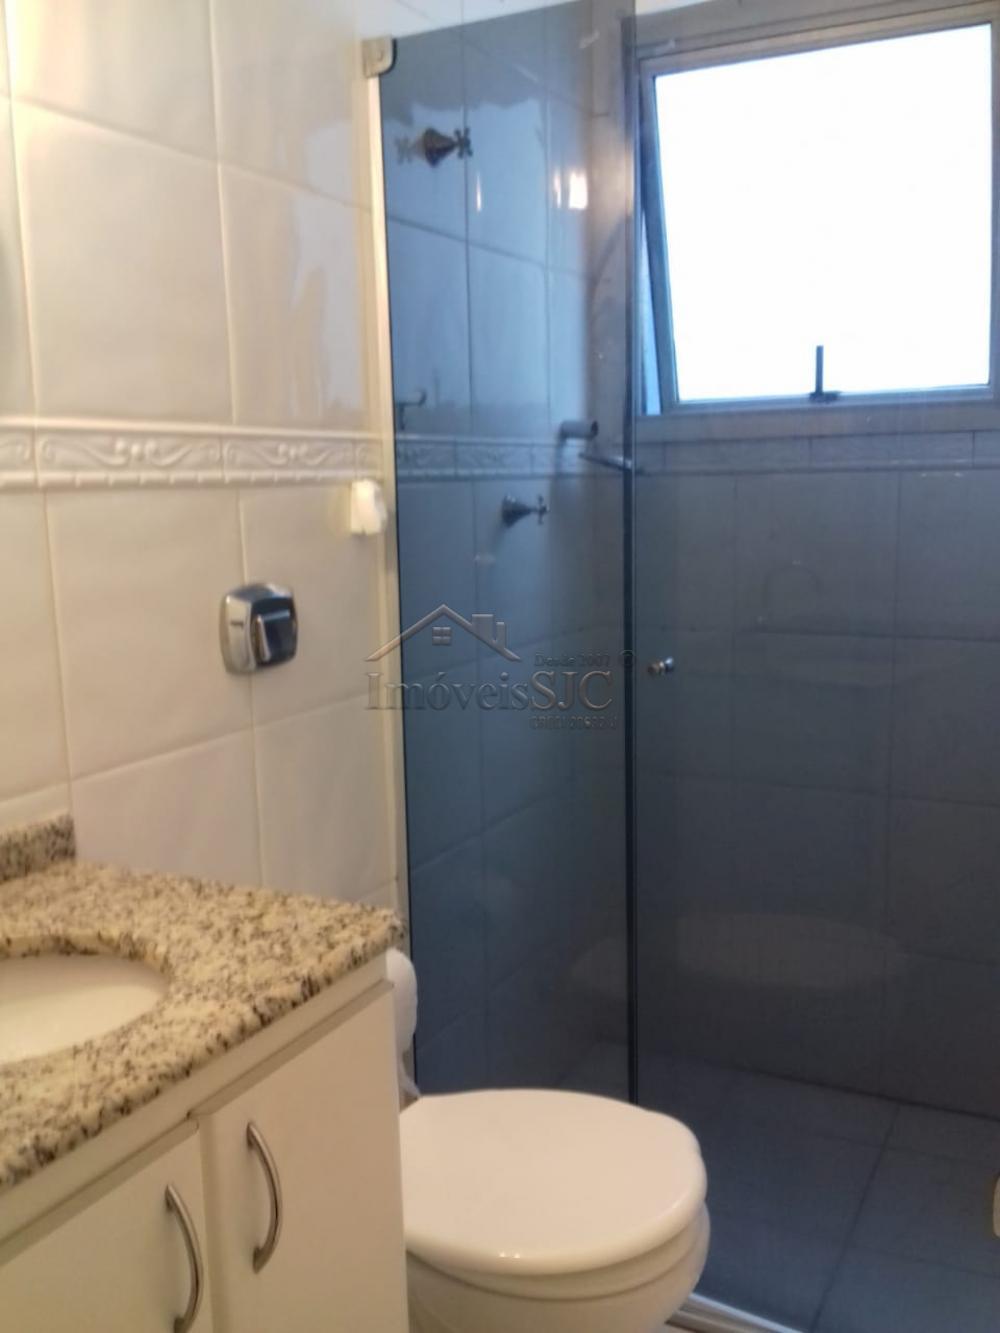 Comprar Apartamentos / Padrão em São José dos Campos apenas R$ 210.000,00 - Foto 8